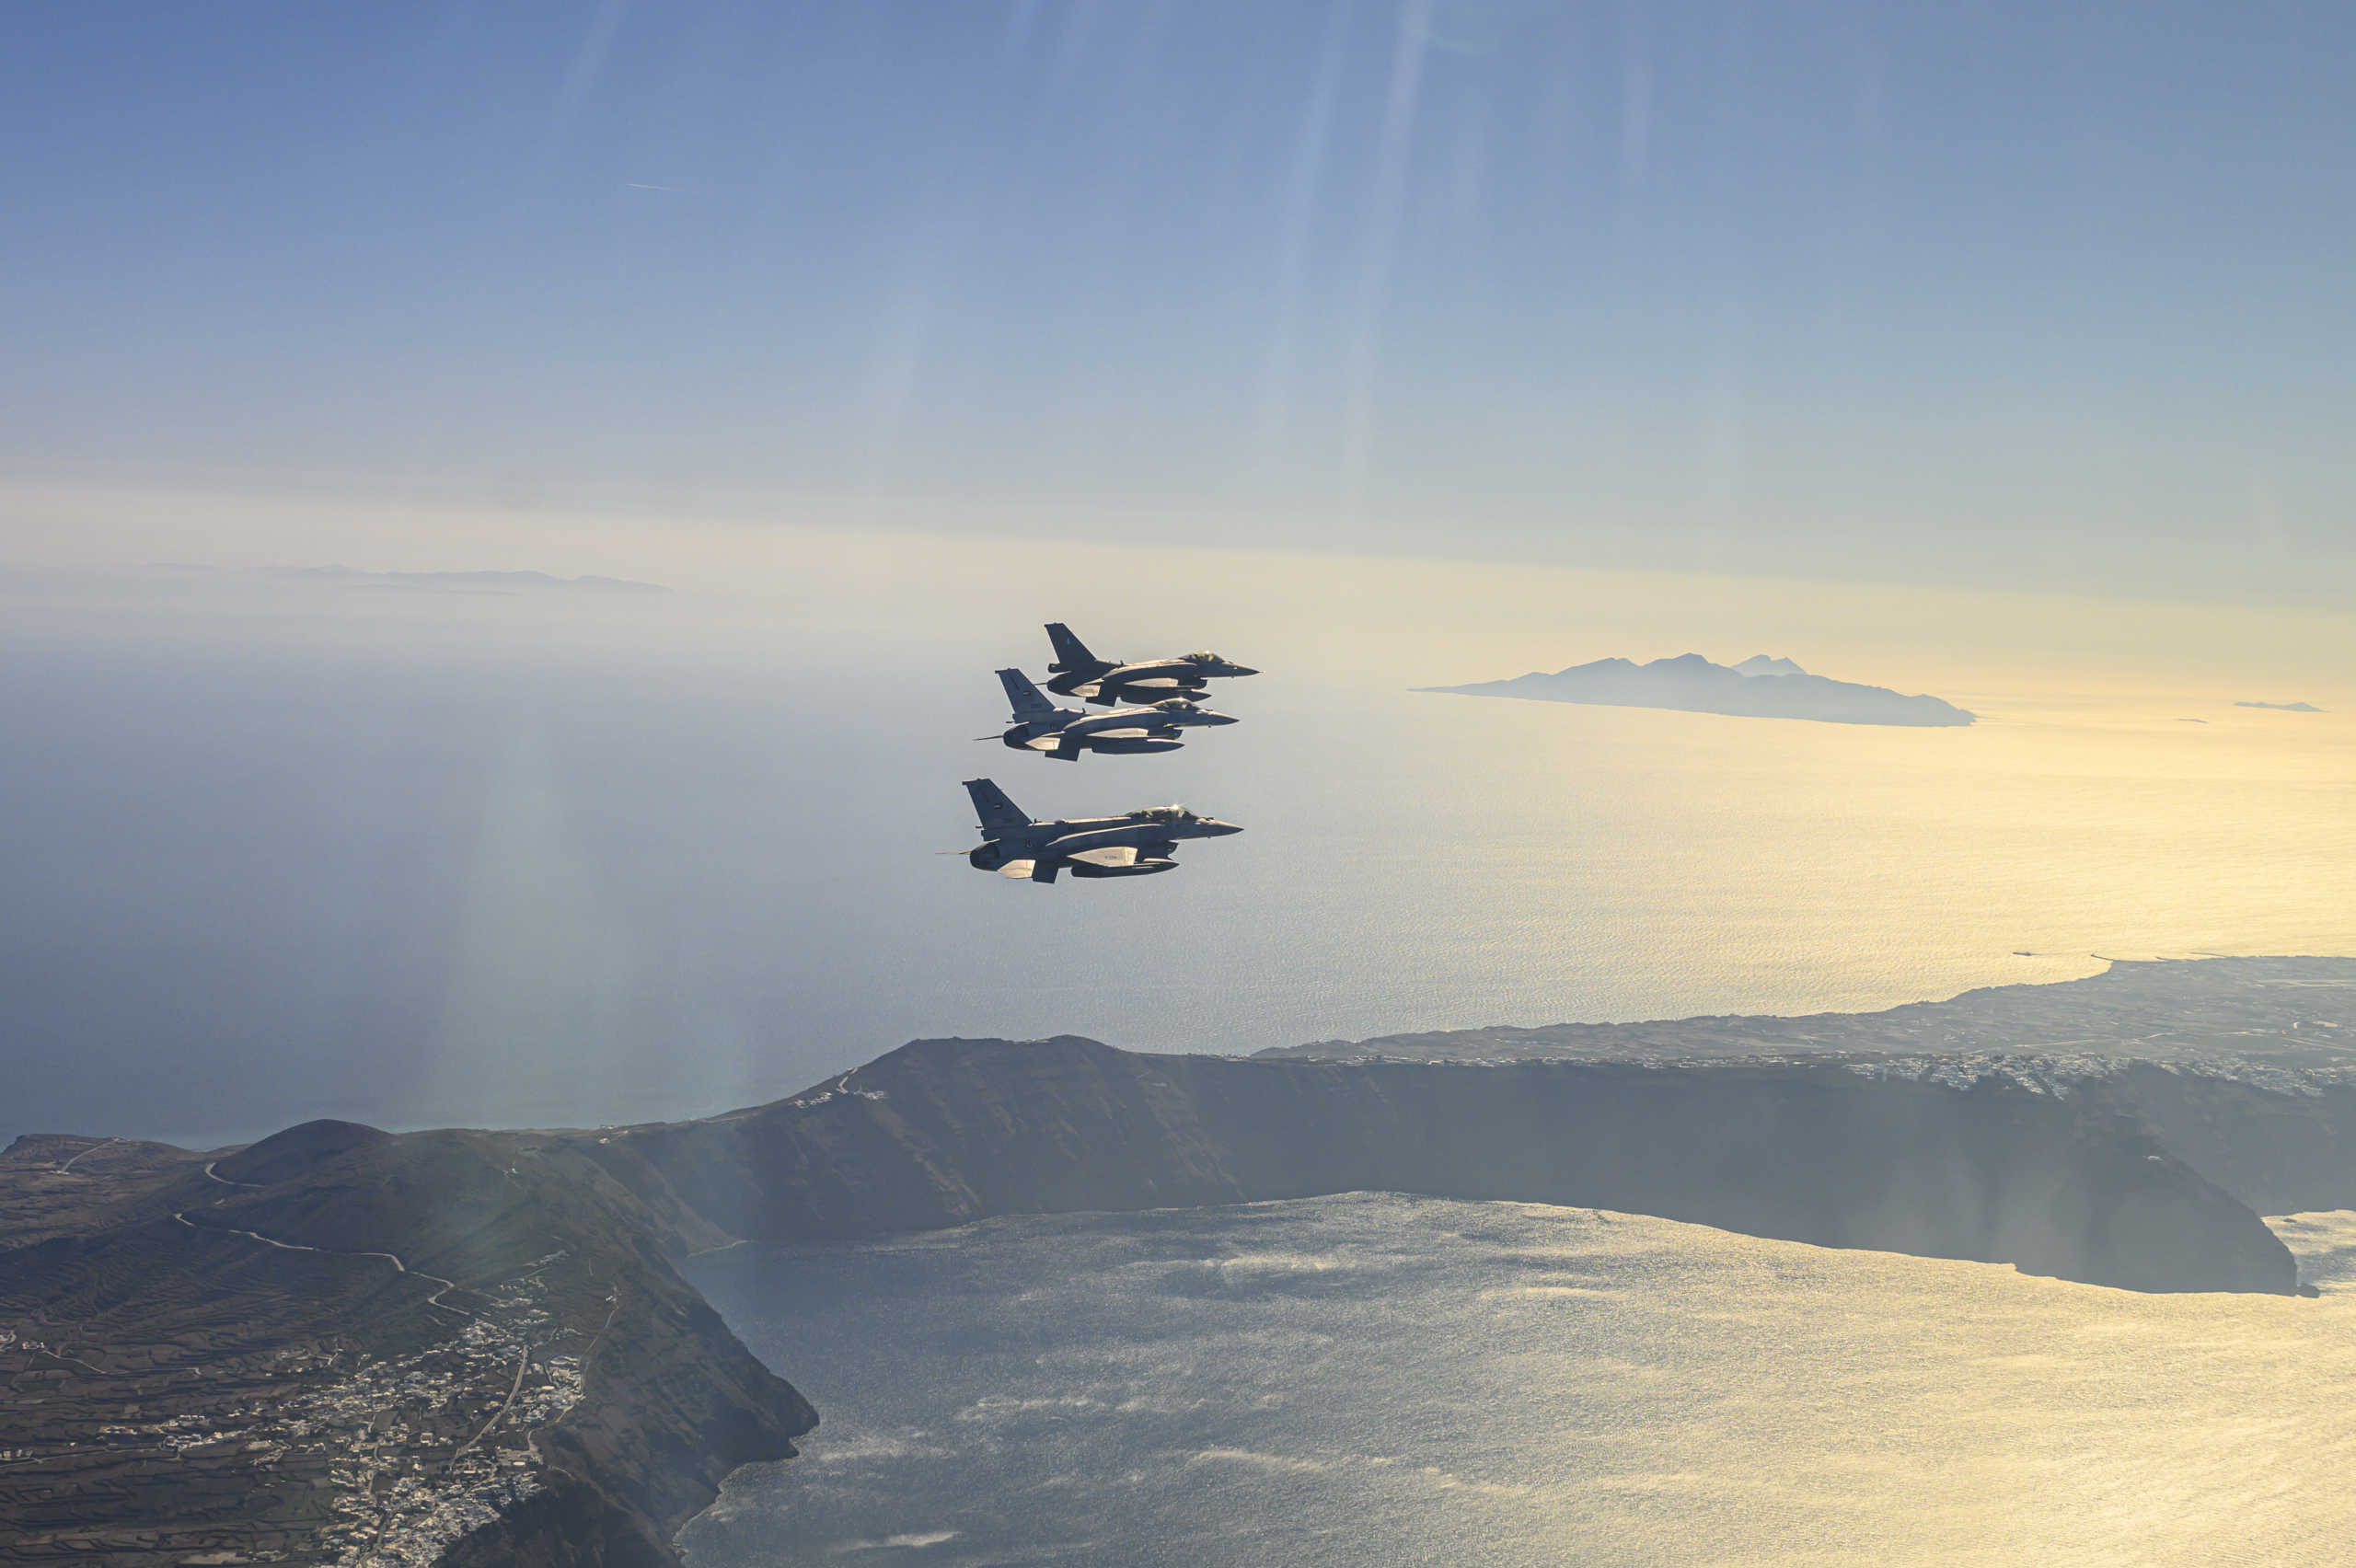 Ο φύλακας άγγελος των F-16: H τεχνολογία που έσωσε 10 πιλότους και 9 μαχητικά αεροσκάφη!